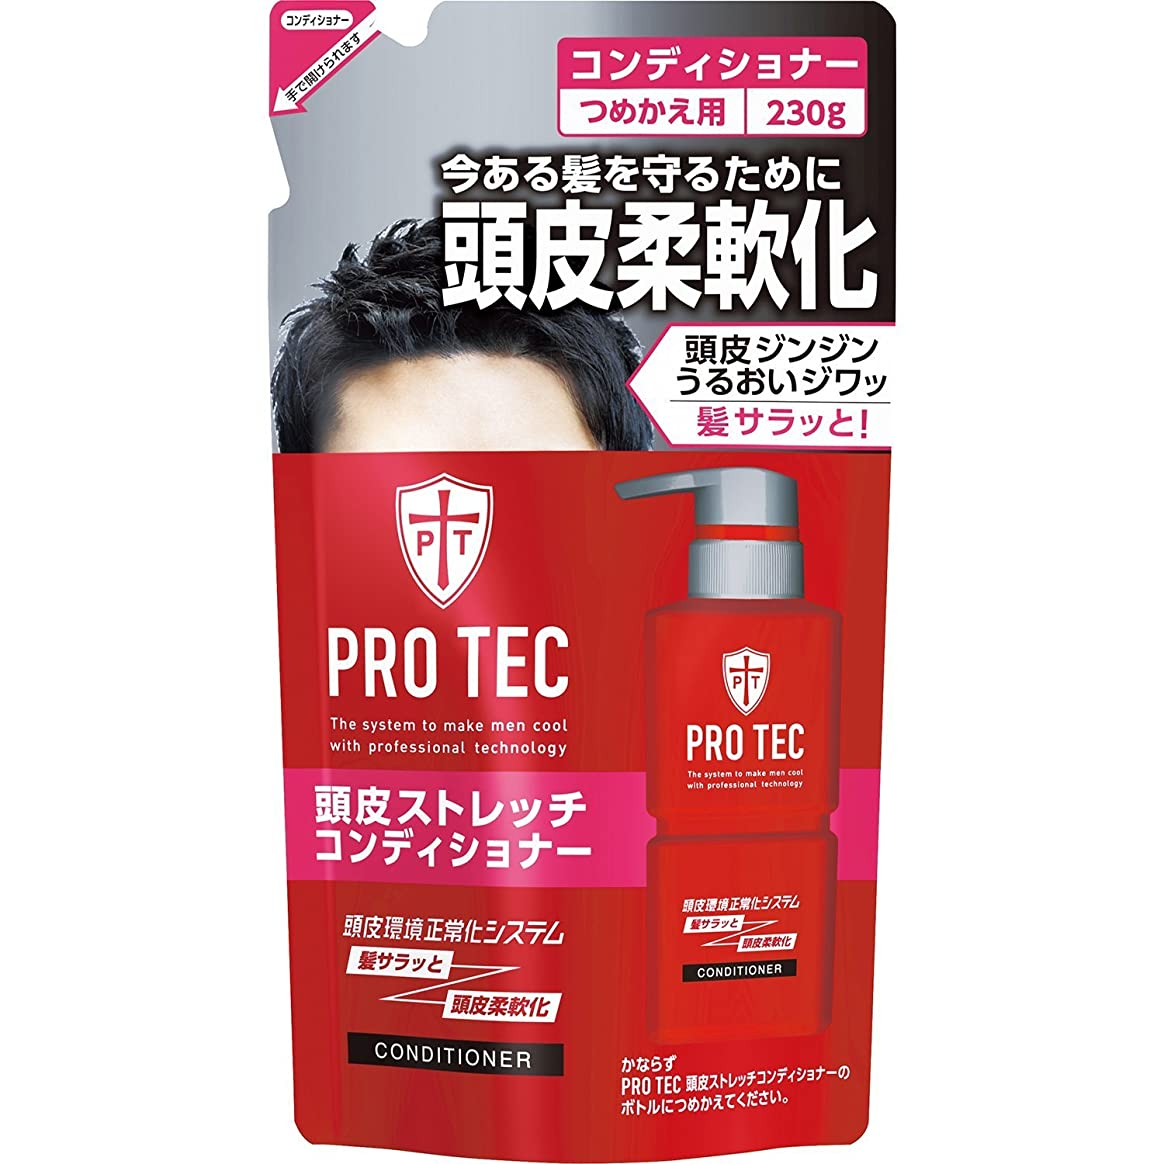 親愛なハンディキャップくぼみPRO TEC(プロテク) 頭皮ストレッチコンディショナー つめかえ用 230g ×10個セット